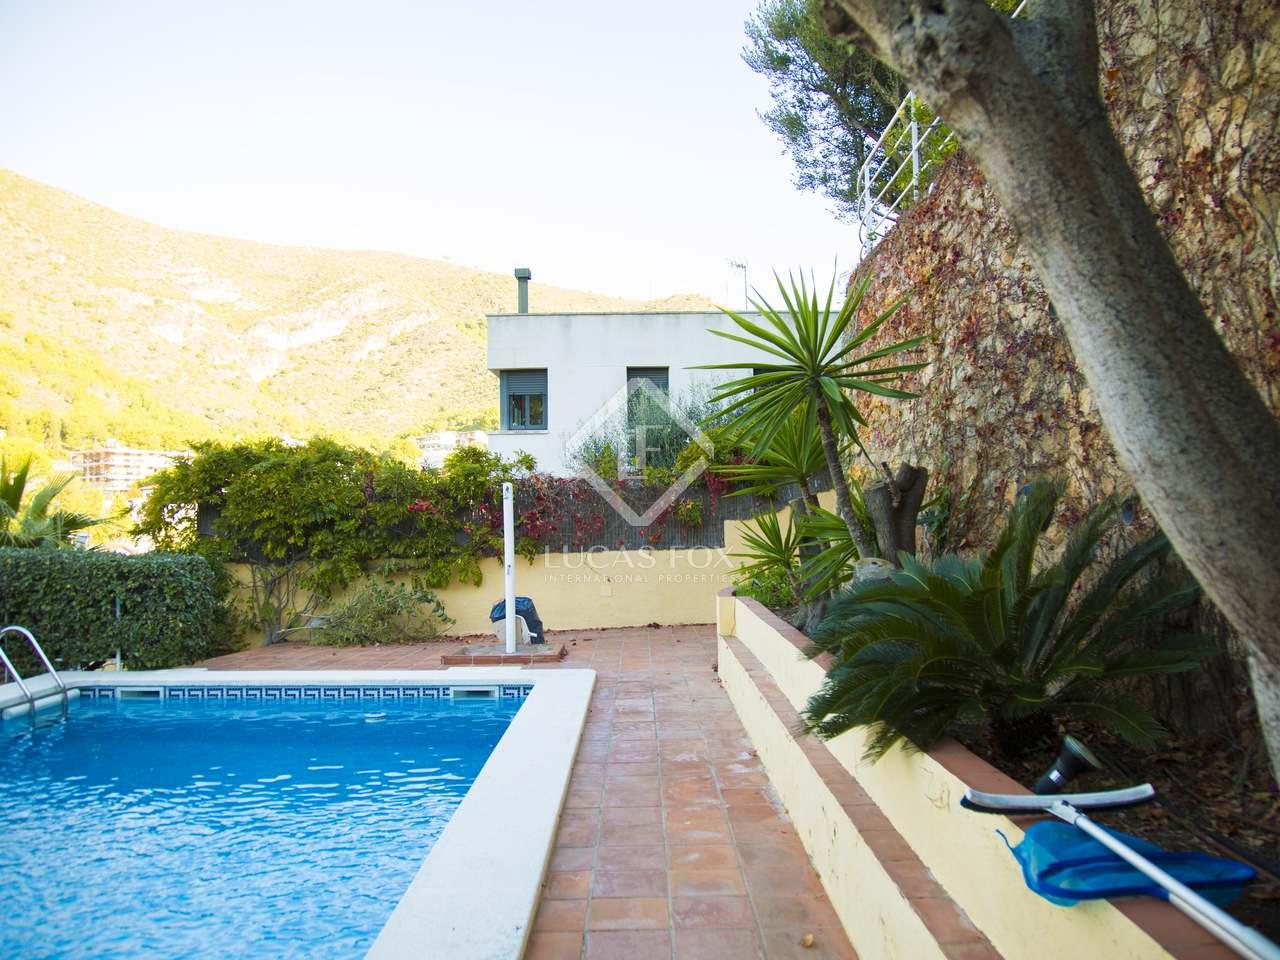 Casa de 416m con piscina en alquiler en castelldefels for Alquiler de piscinas